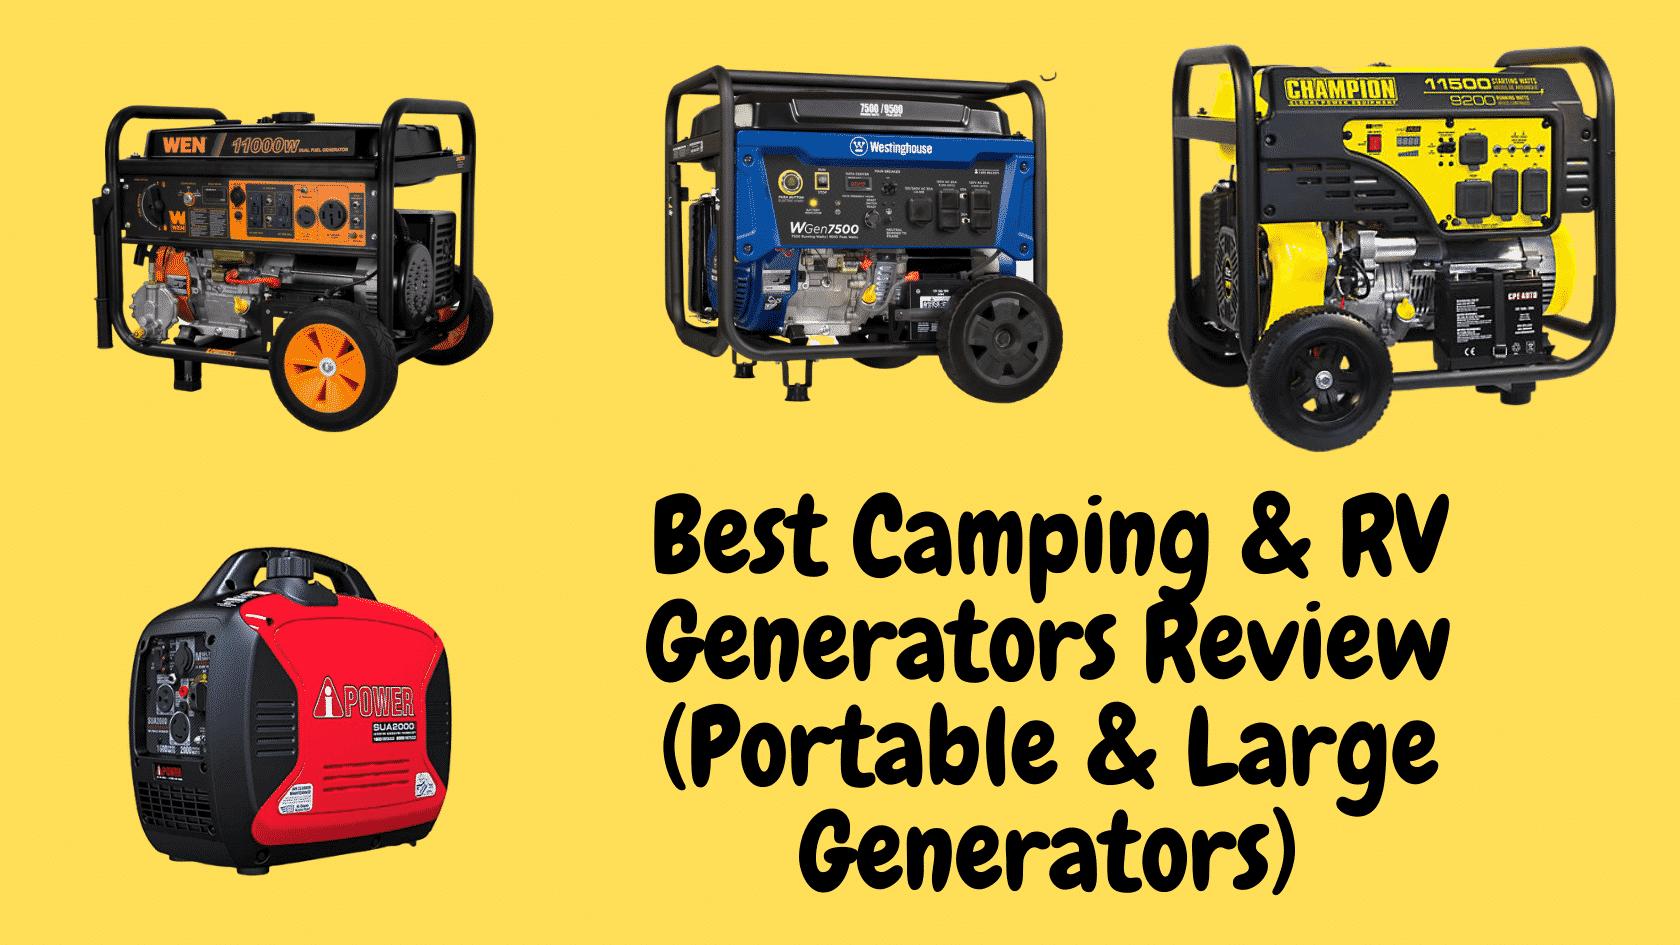 Best Camping & RV Generators Review (Portable & Large Generators)